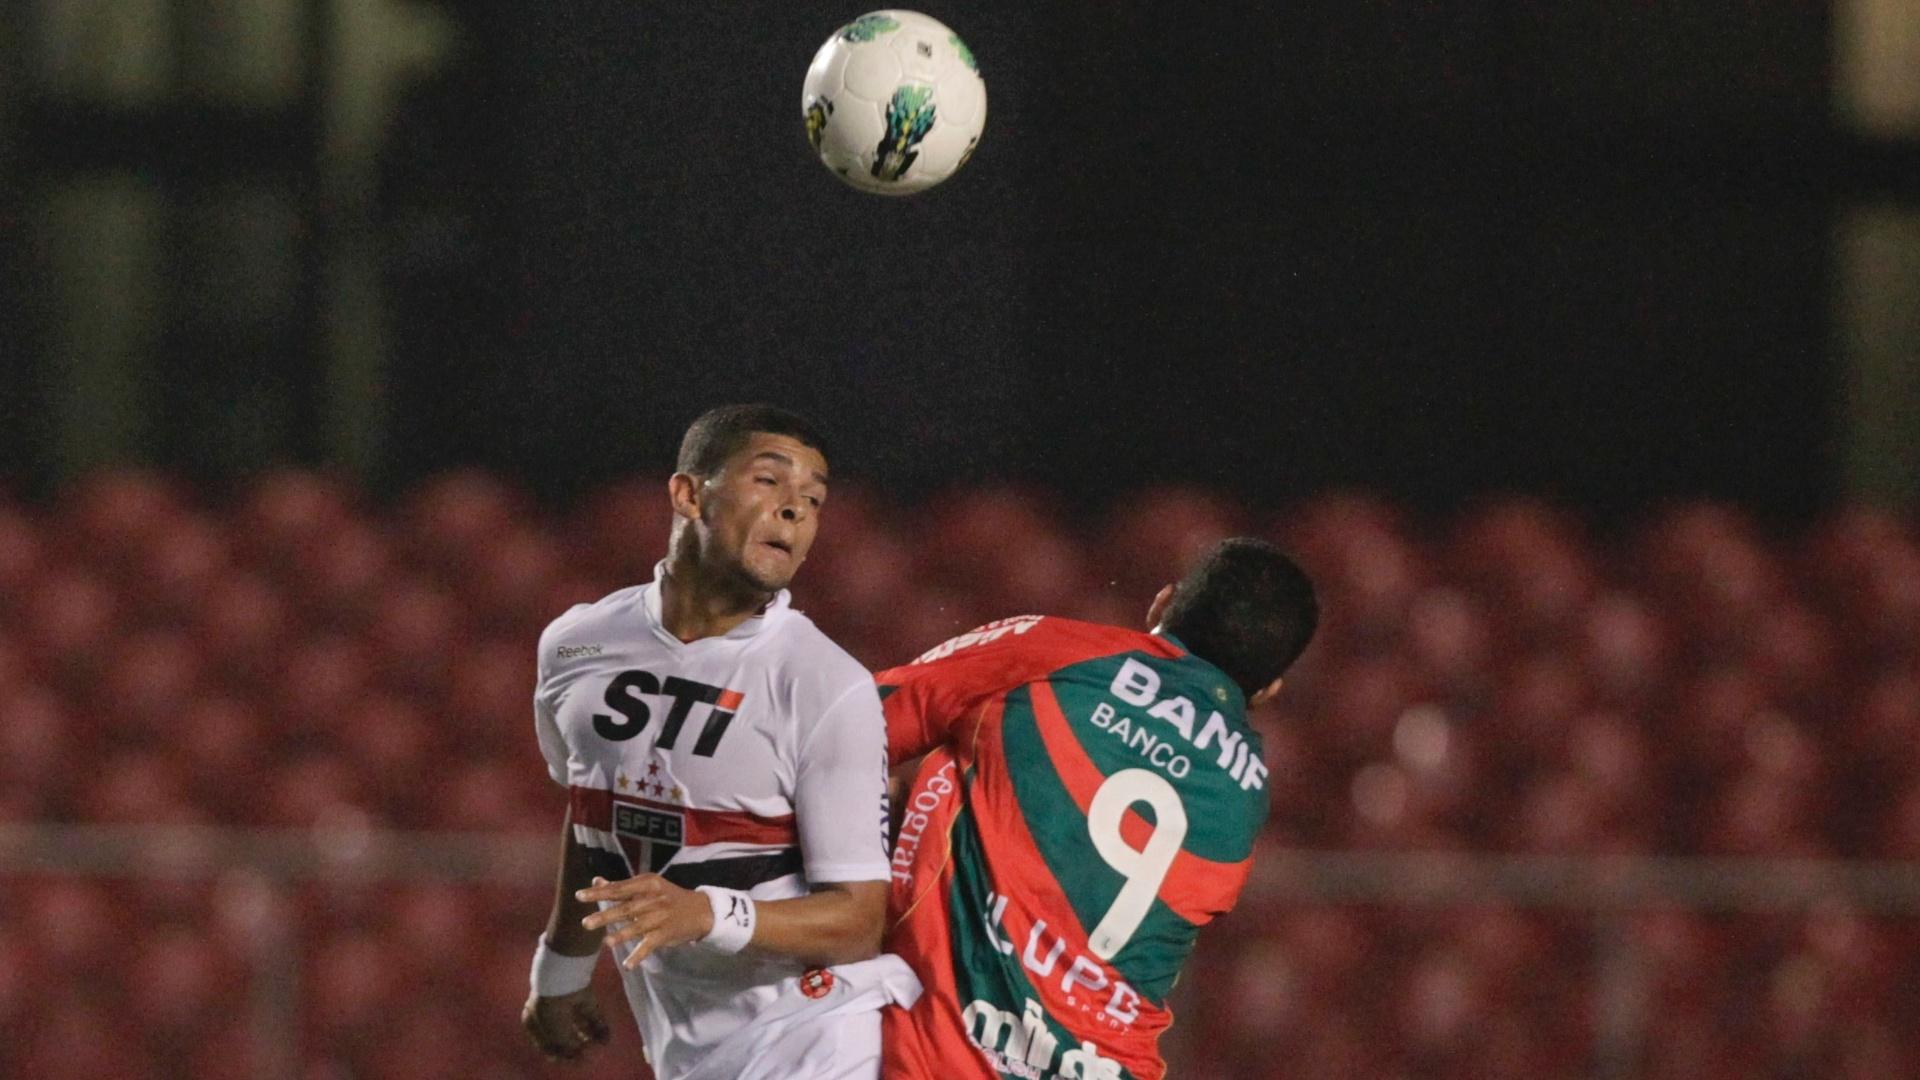 Denílson, do São Paulo, divide bola no ar com o atacante Bruno Mineiro, da Portuguesa, durante jogo no Morumbi